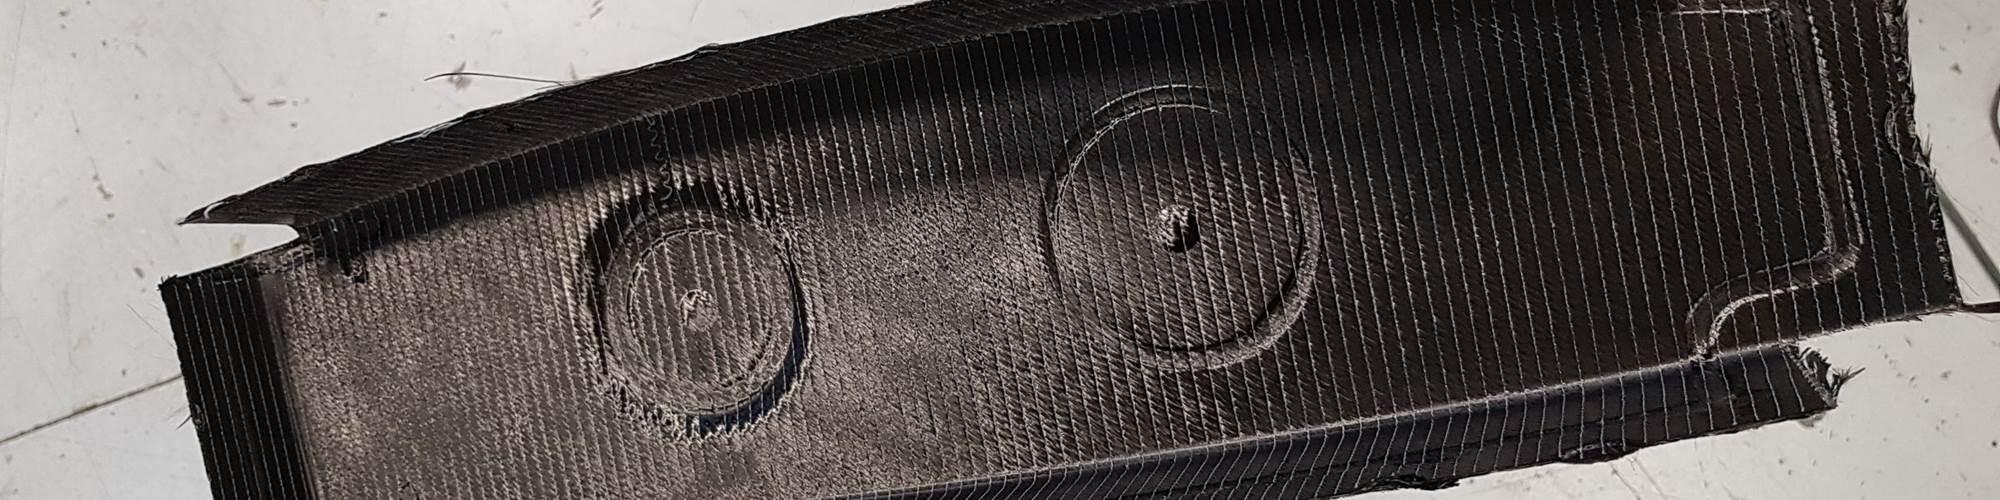 compression molded composite stringer